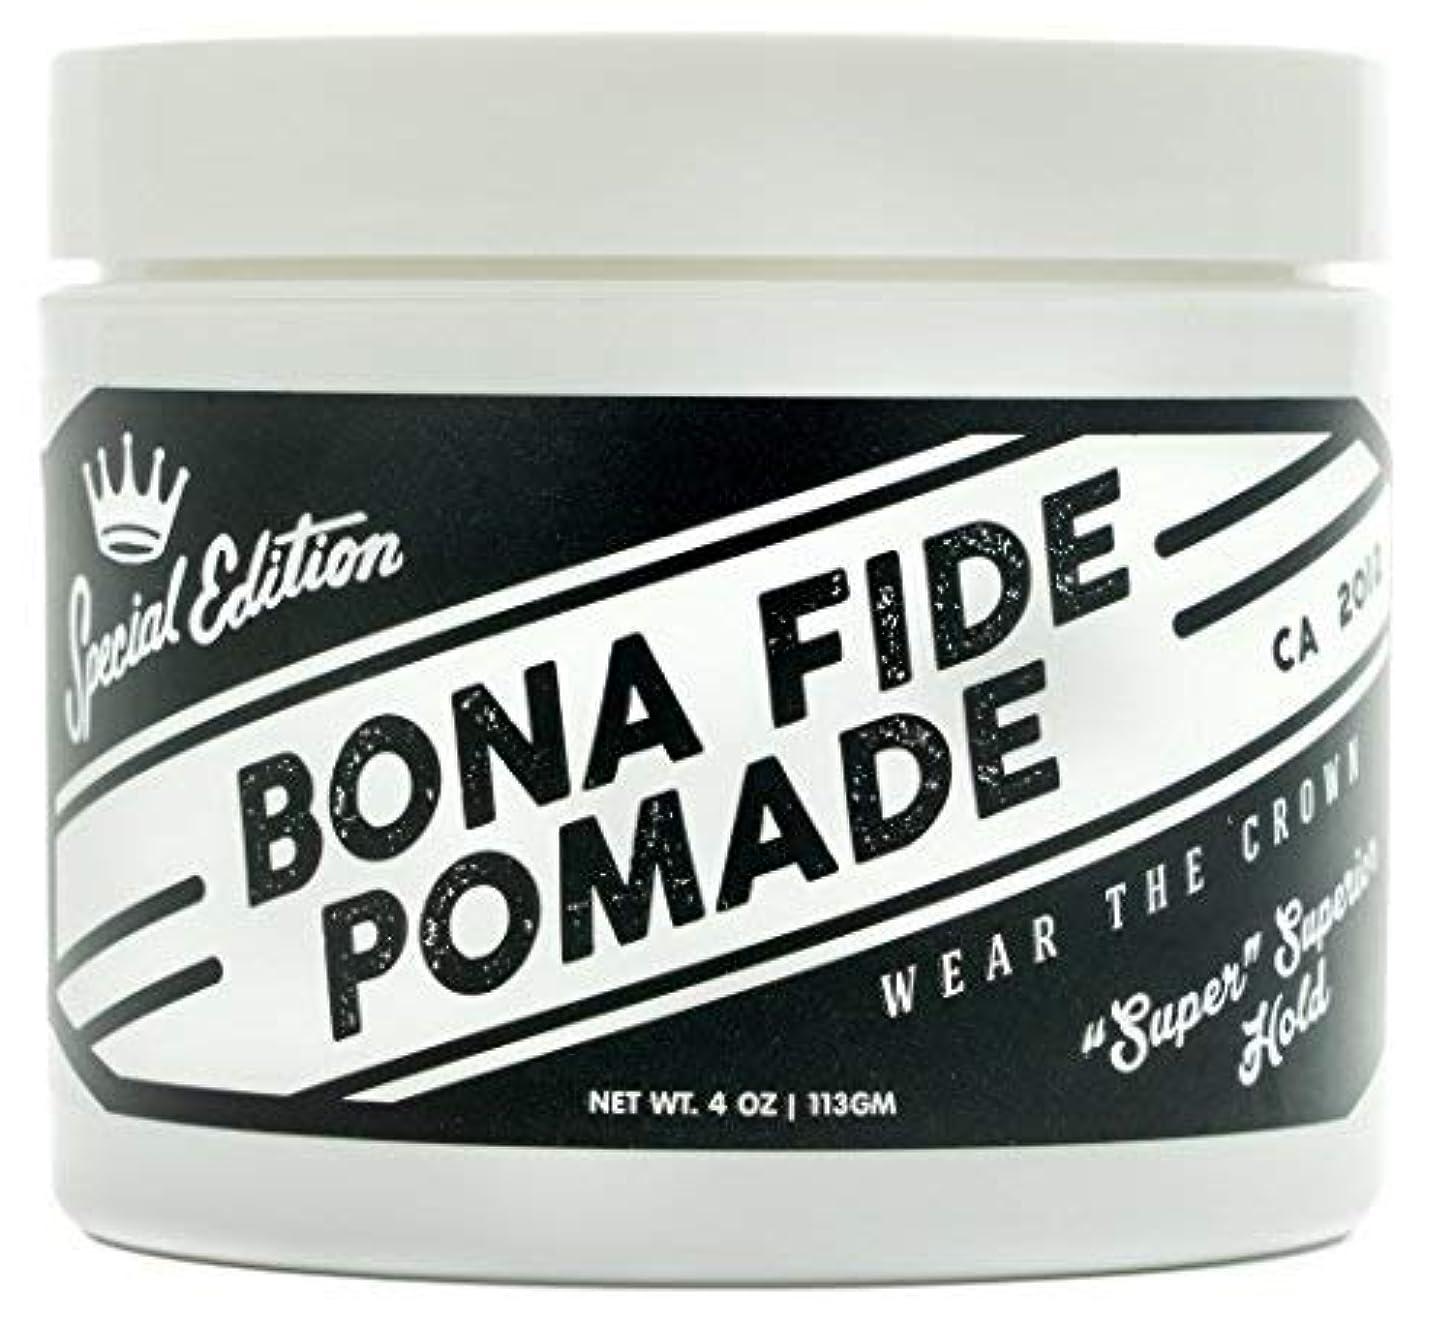 職人必要性追放Bona Fide Pomade, スーパースーペリアホールドSE, 4OZ (113g)、水性ポマード/ヘアー グリース (整髪料)